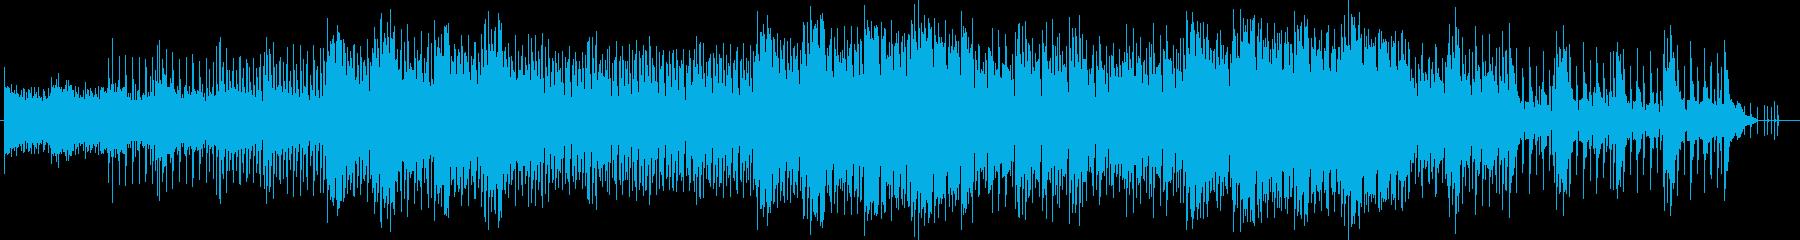 穏やかで煌びやかなシンセサウンドの再生済みの波形